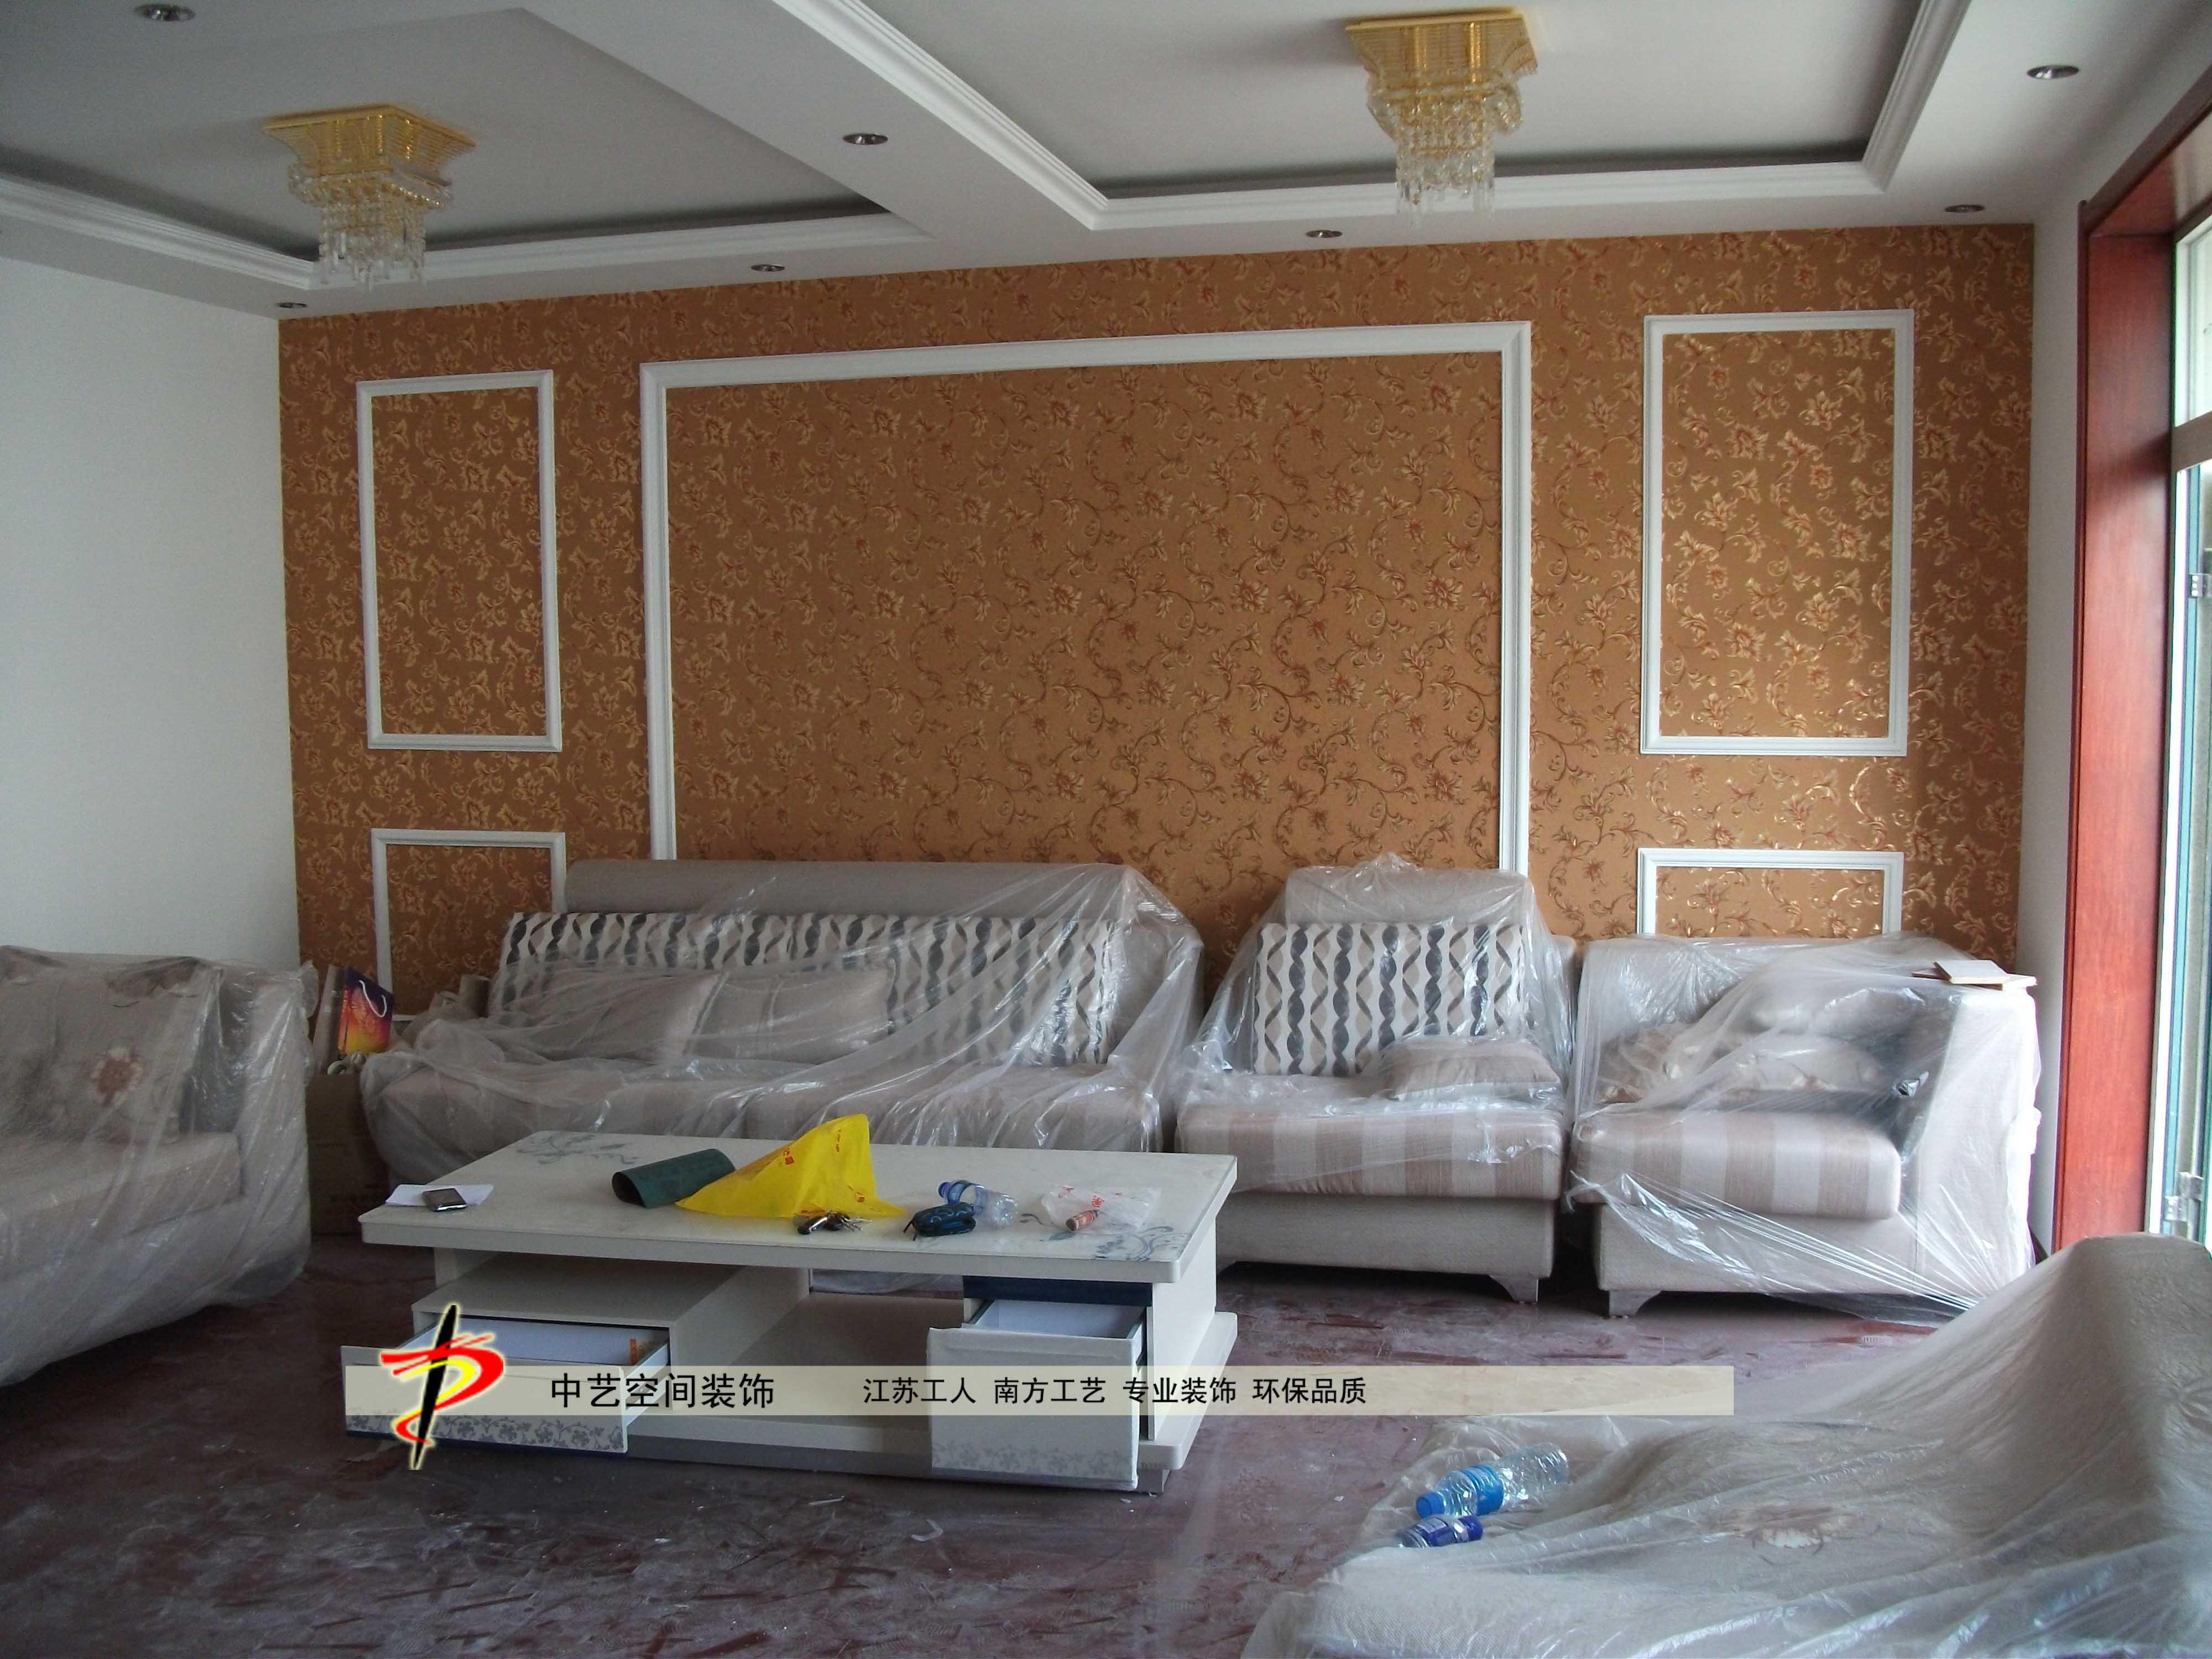 司 沙发背景墙客厅造型灯池装修效果实景